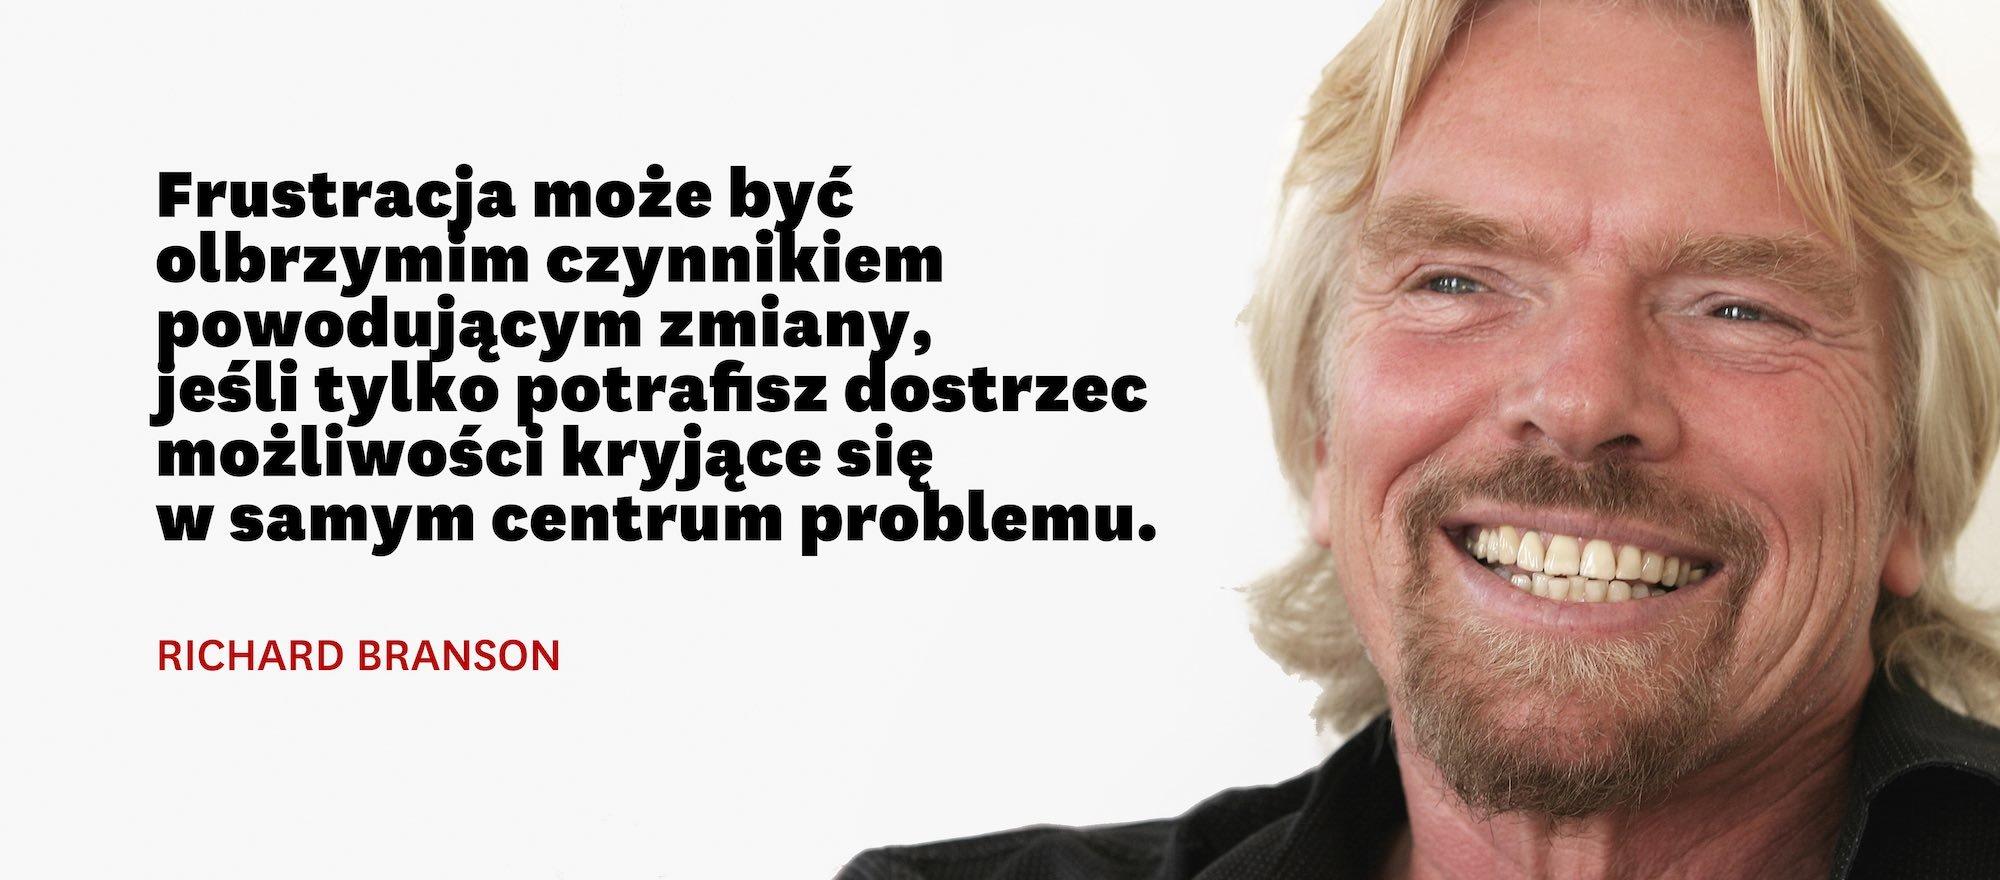 8 wskazówek Richarda Bransona dla liderów